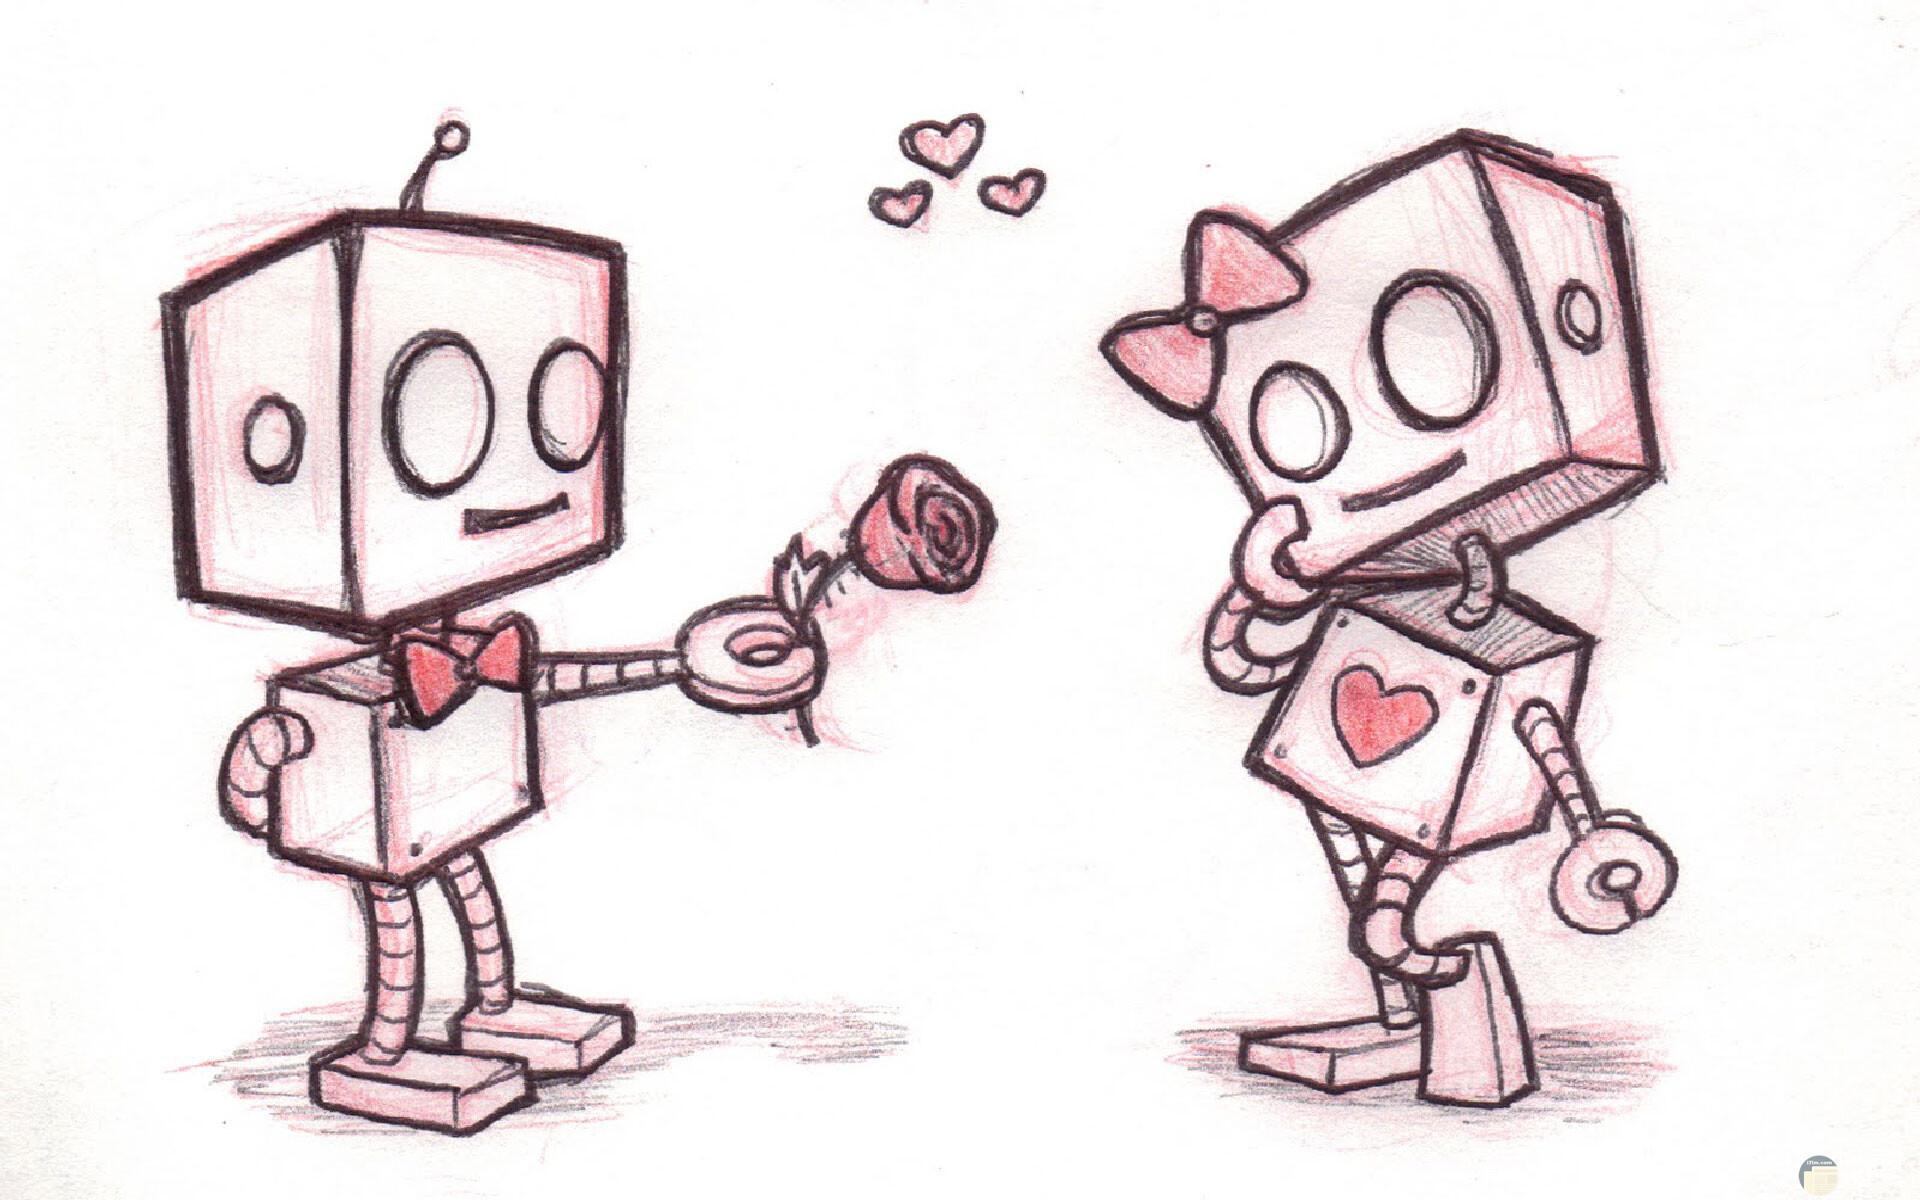 رسم روبوت ملون رومانسي و كيوت جداً.